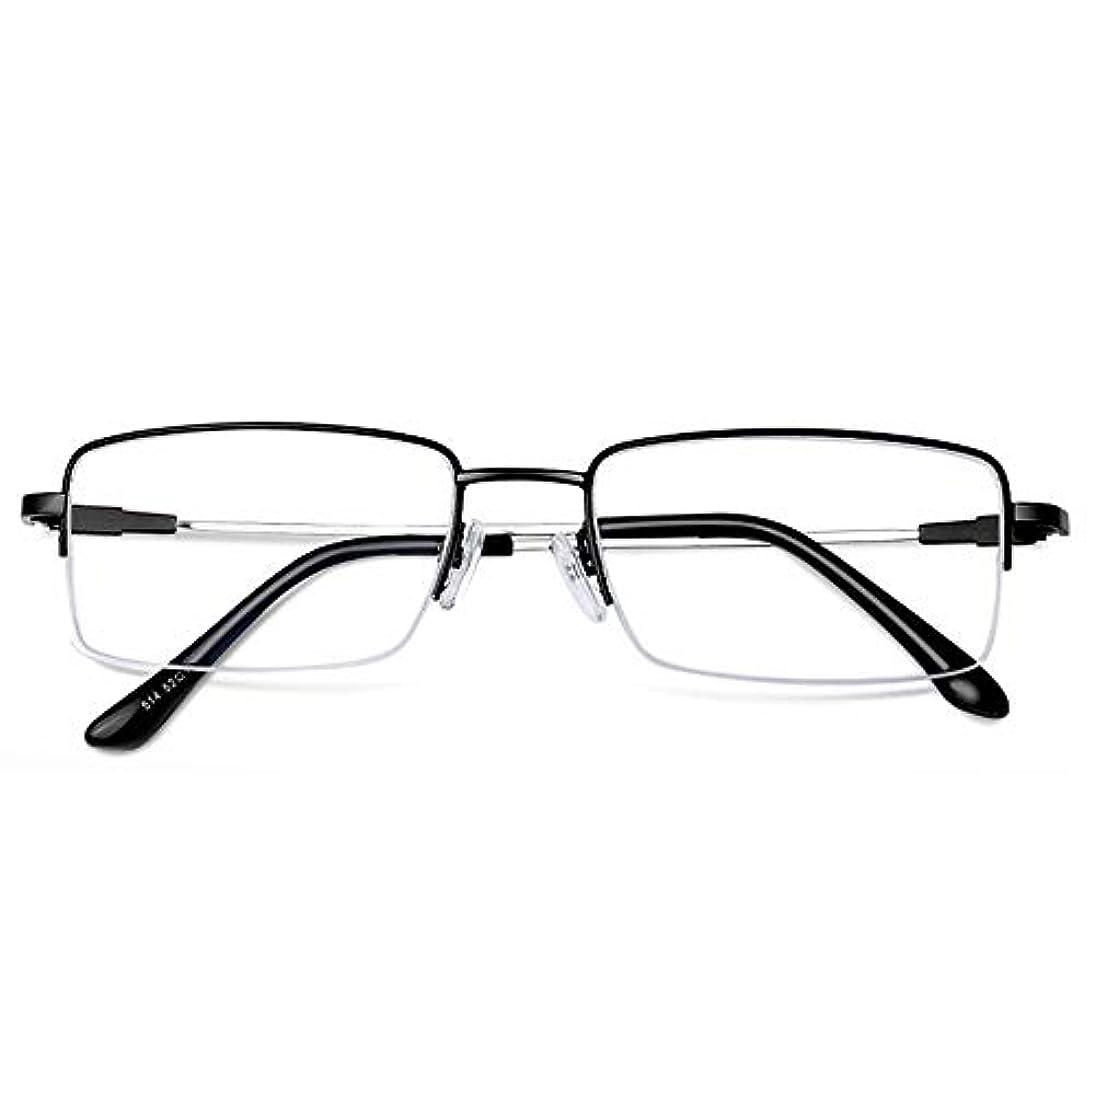 ハーフフレーム老眼鏡X 1、長方形の春ヒンジ黒銃の色合い青の男性と女性の老眼鏡をブロック、読者のお金のための軽量コンピュータカードリーダー